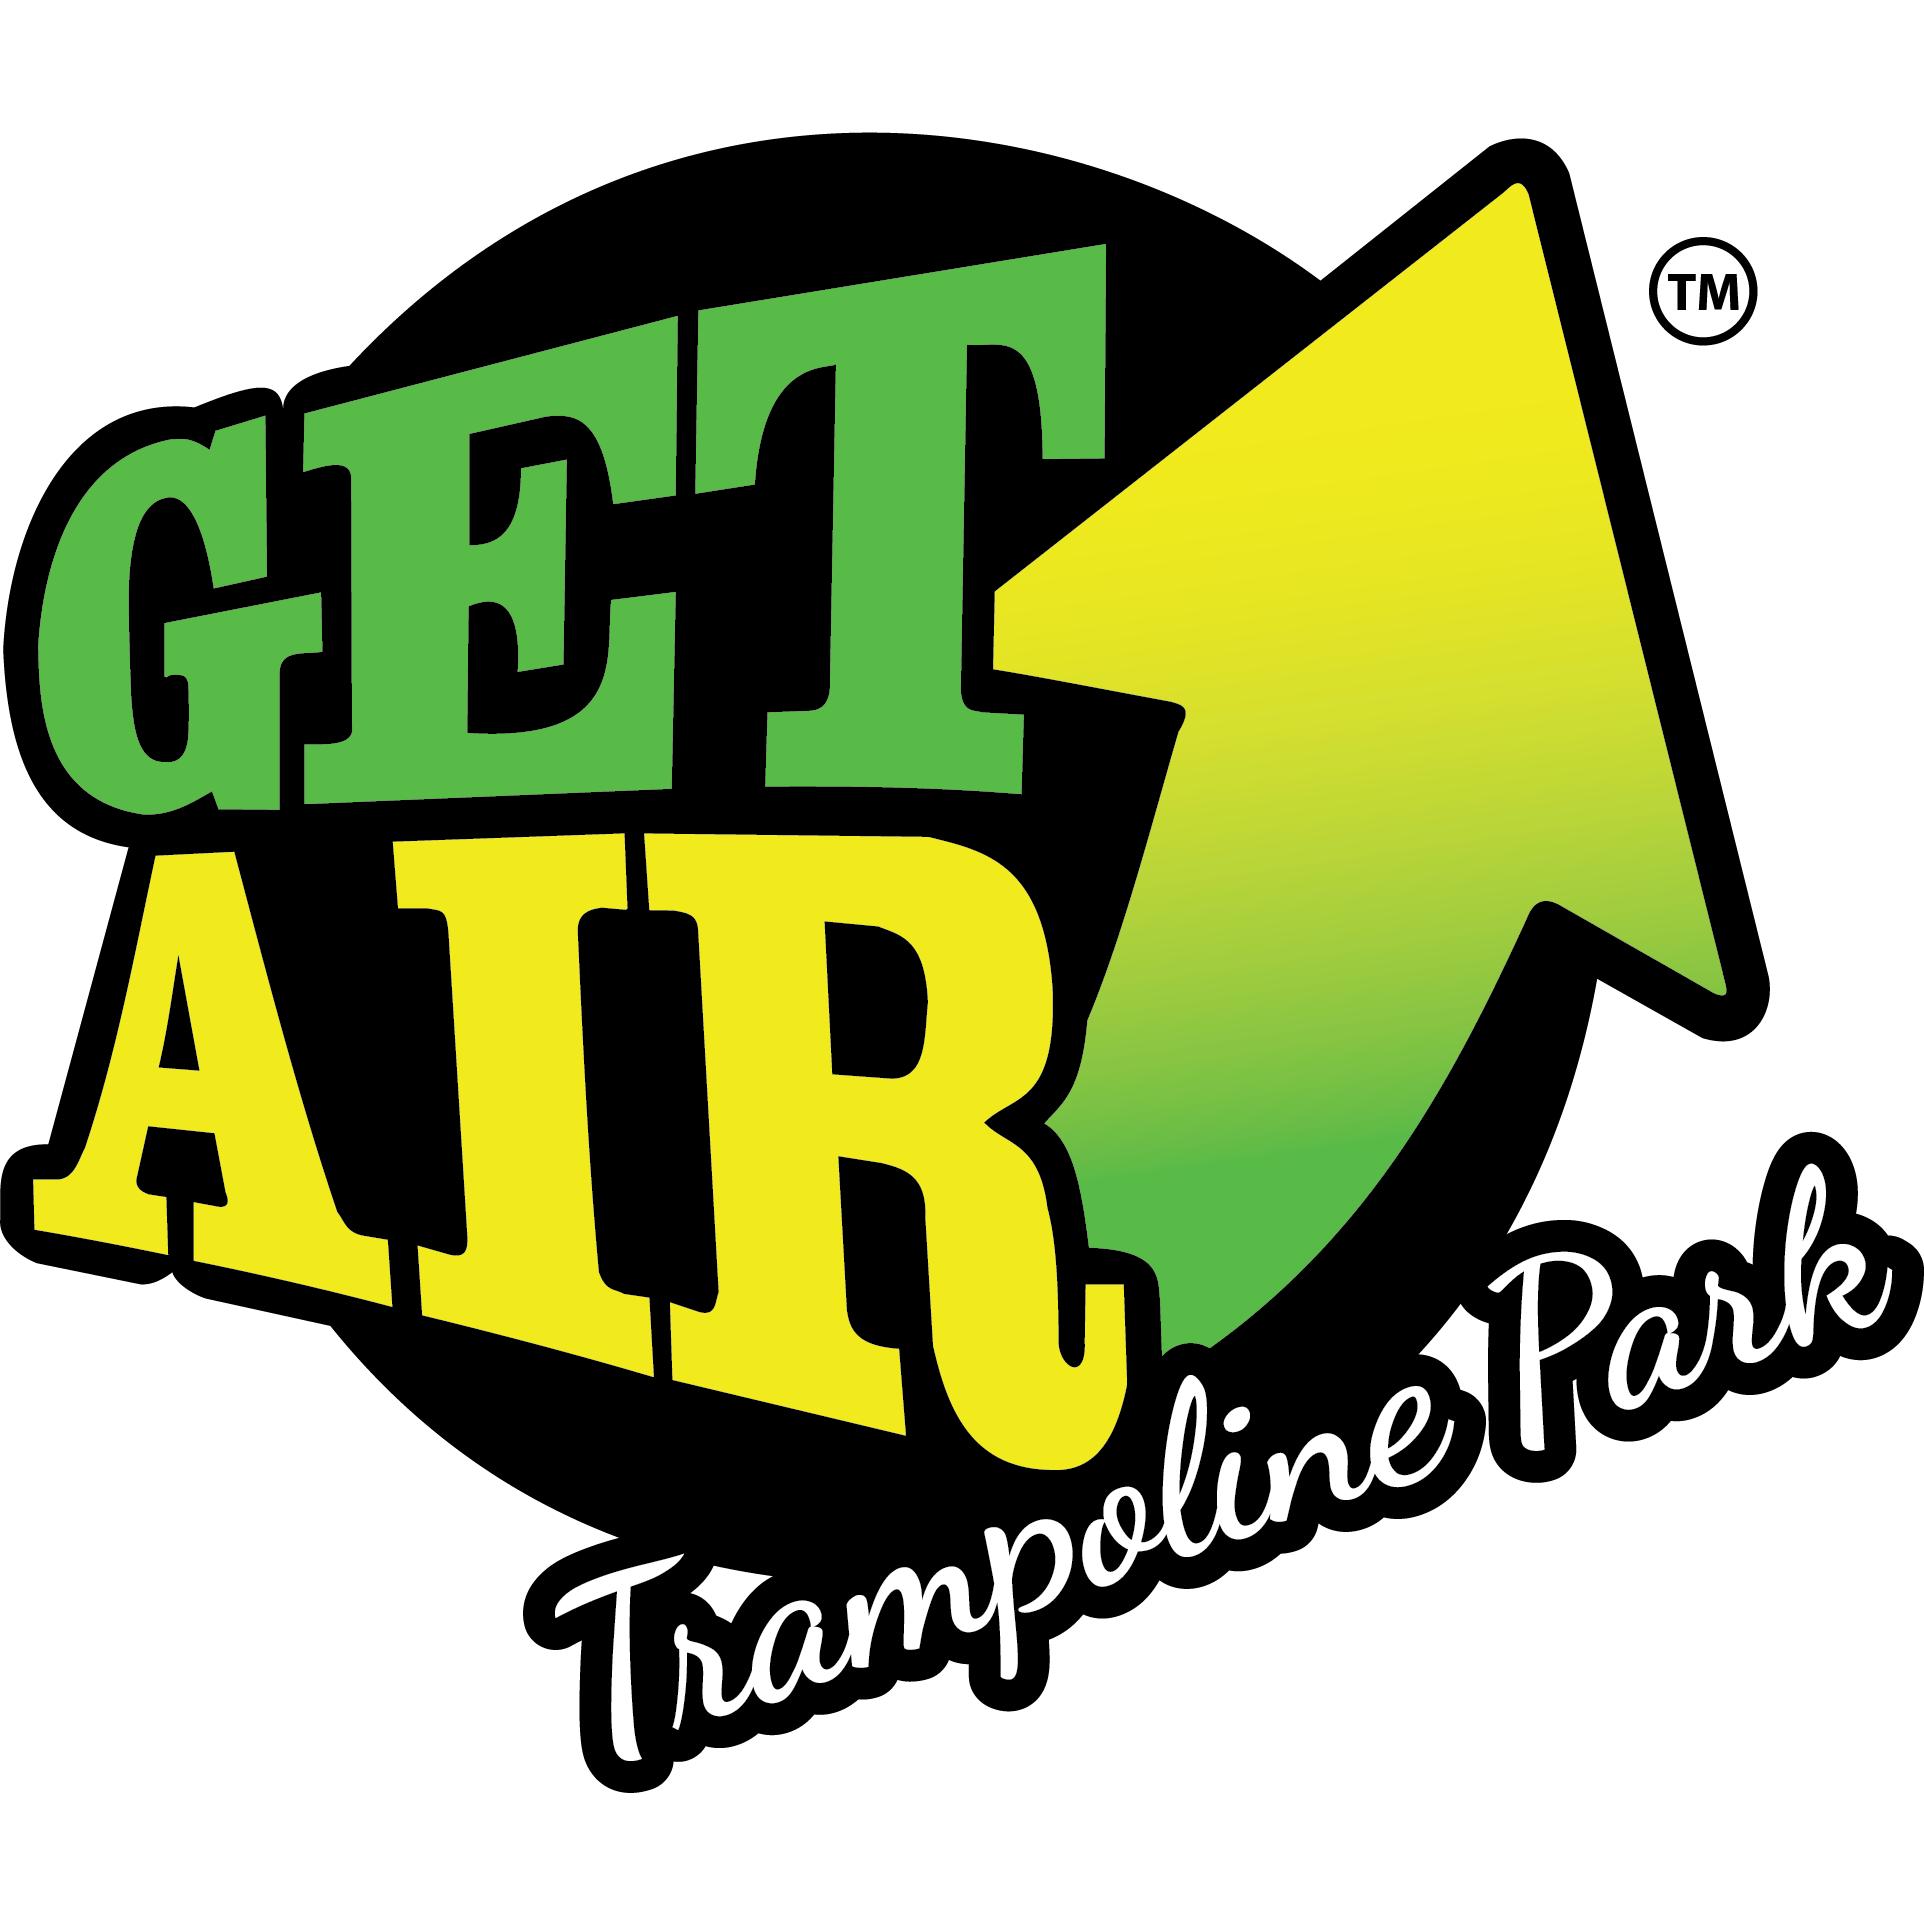 Get Air - McAllen, TX - Recreation Centers